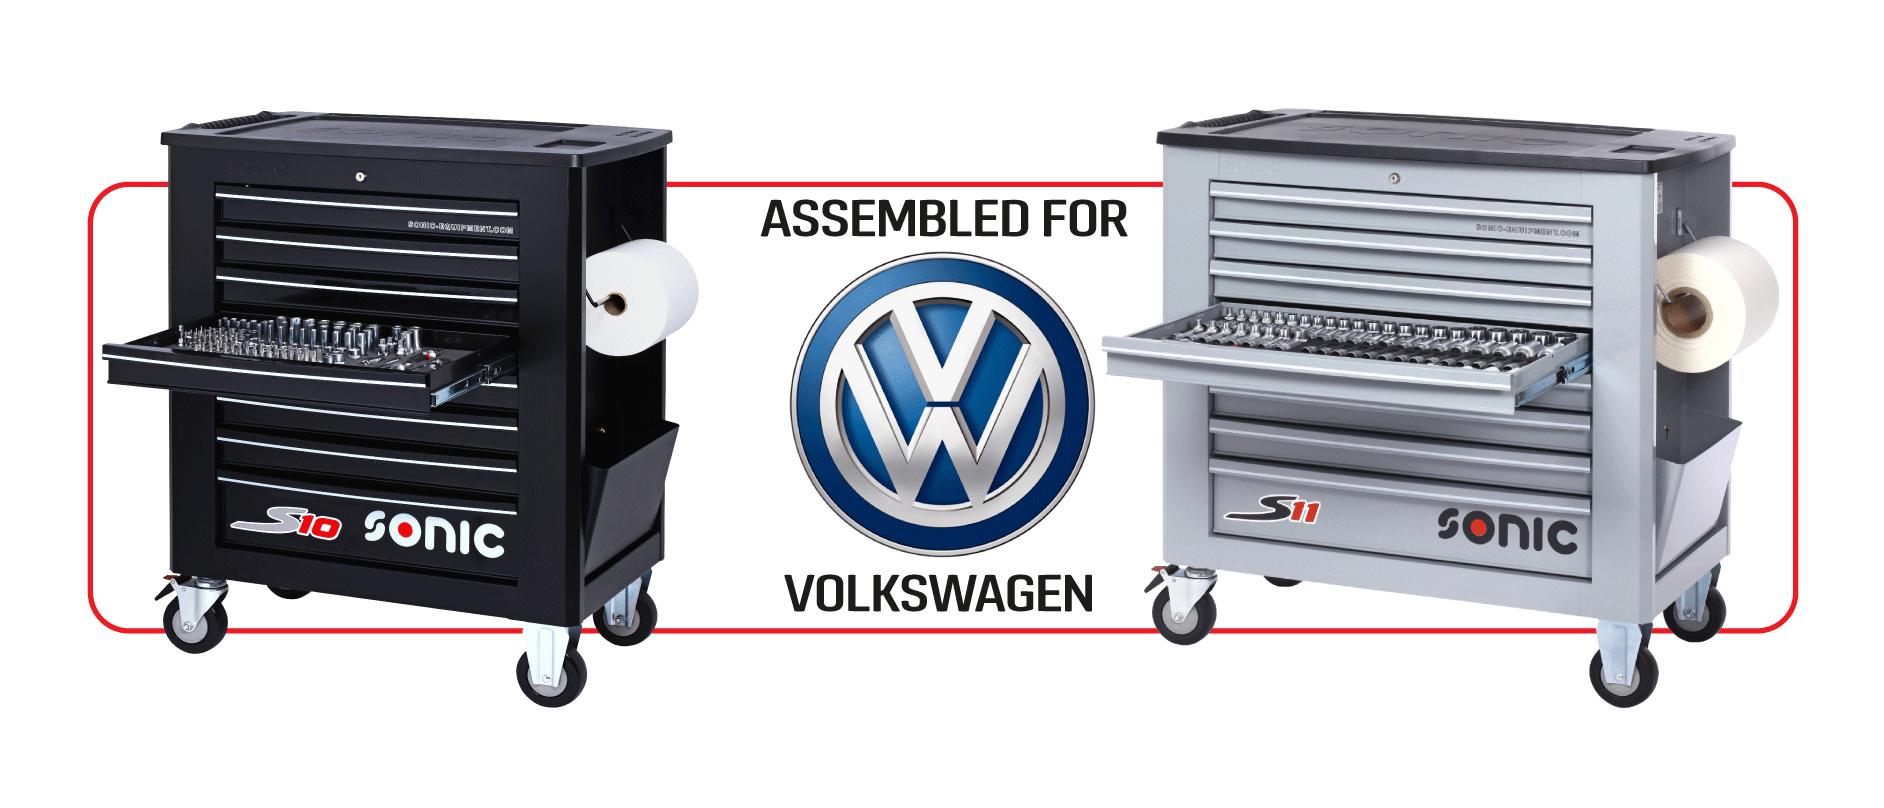 Volkswagen toolkits